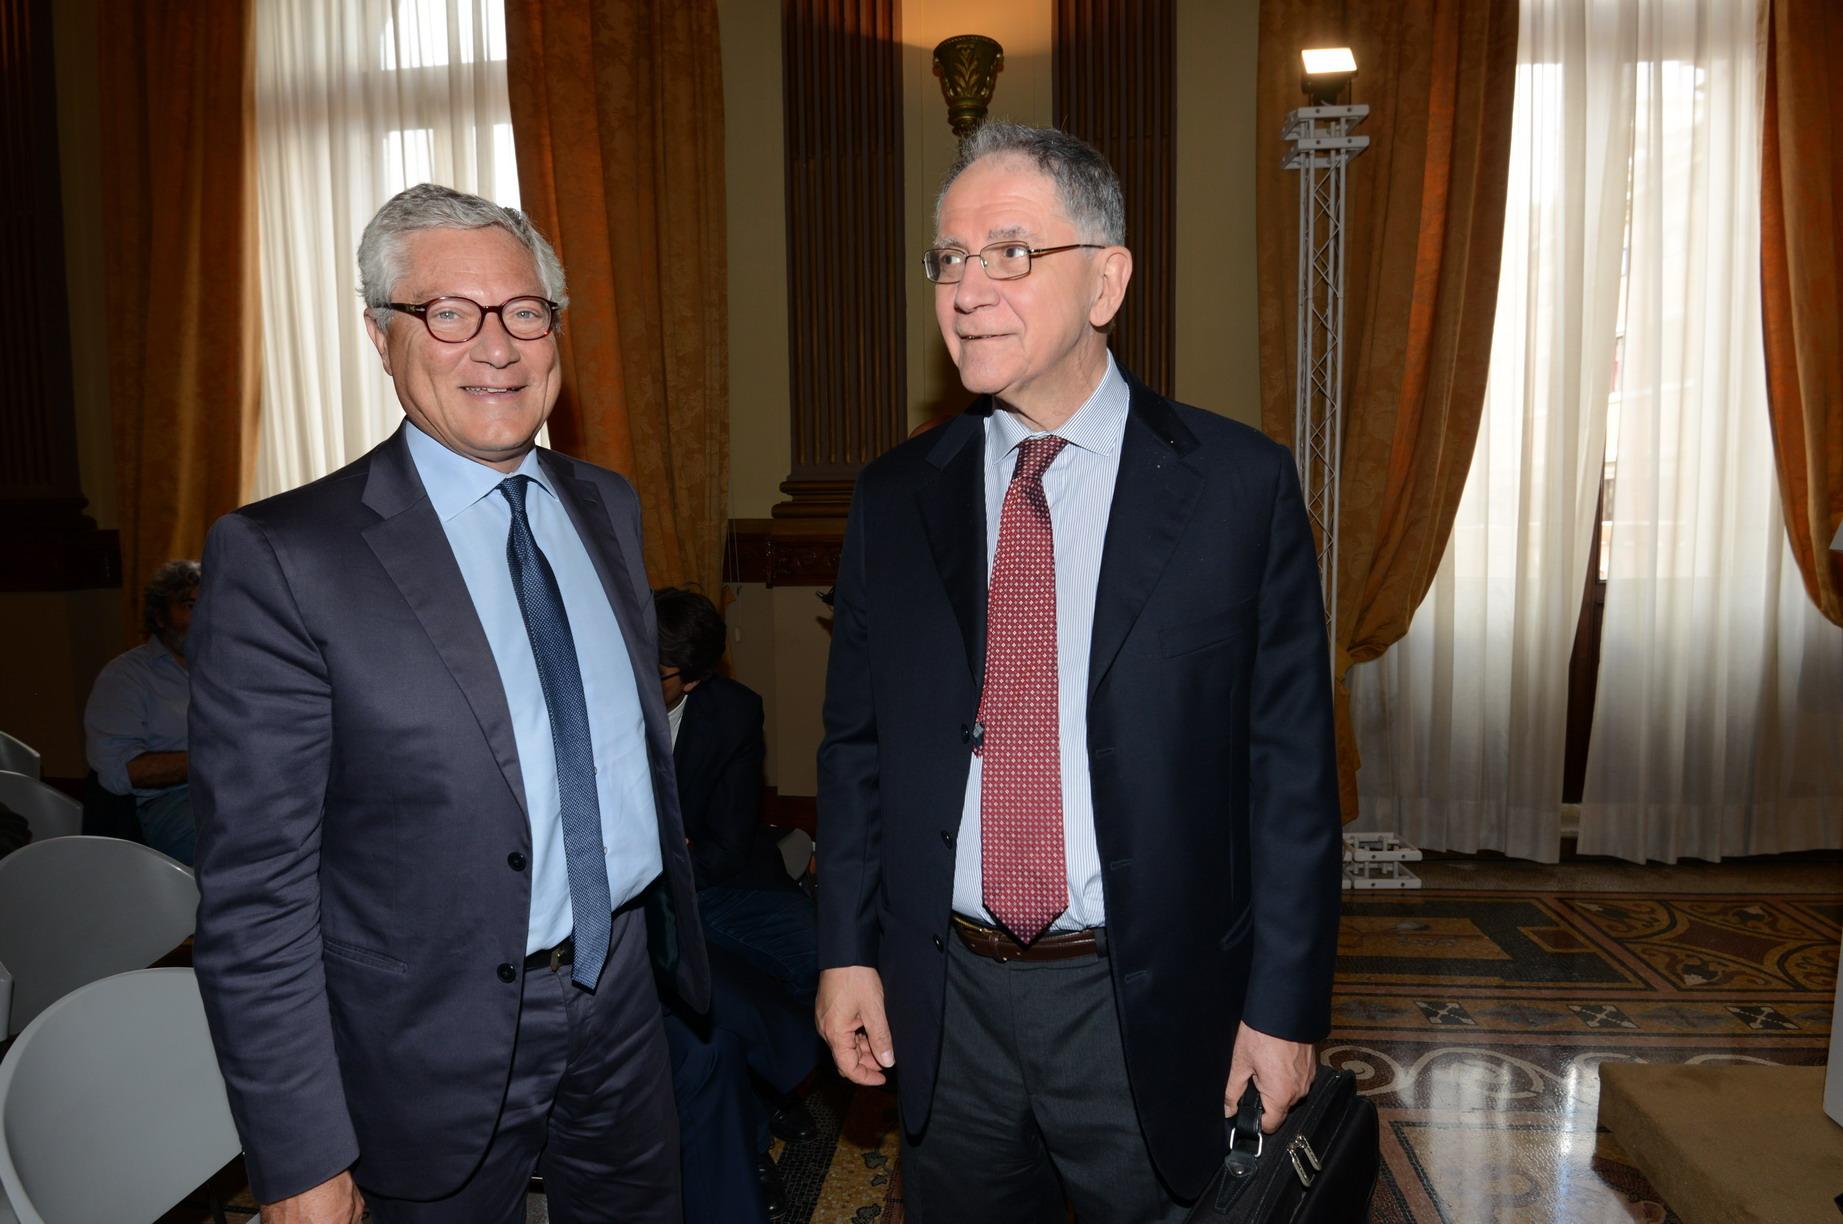 Giovanni Pitruzzella e Rocco Buttiglione